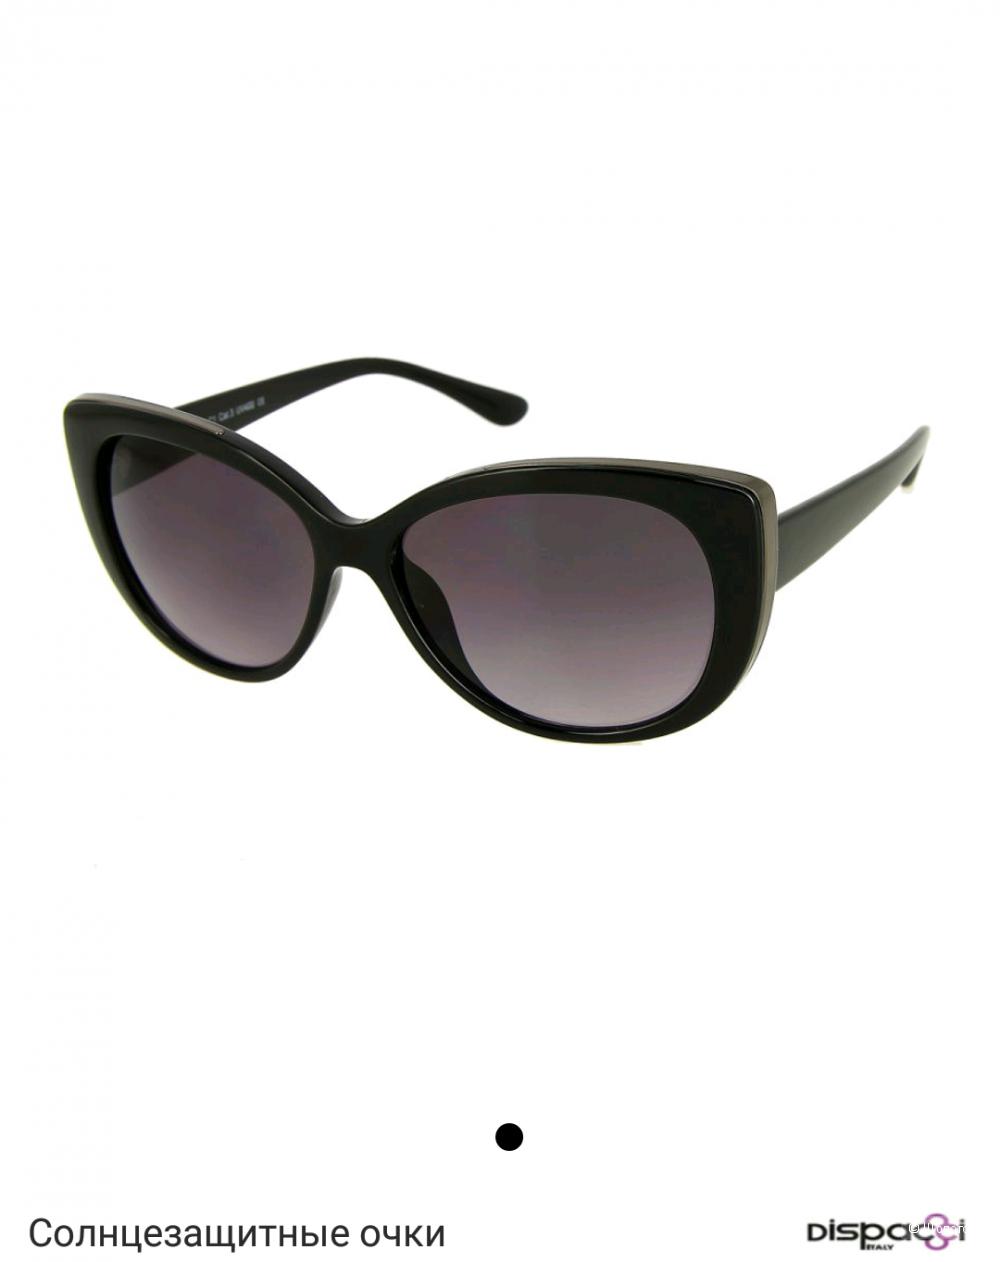 Солнцезащитные очки Dispacci, Италия